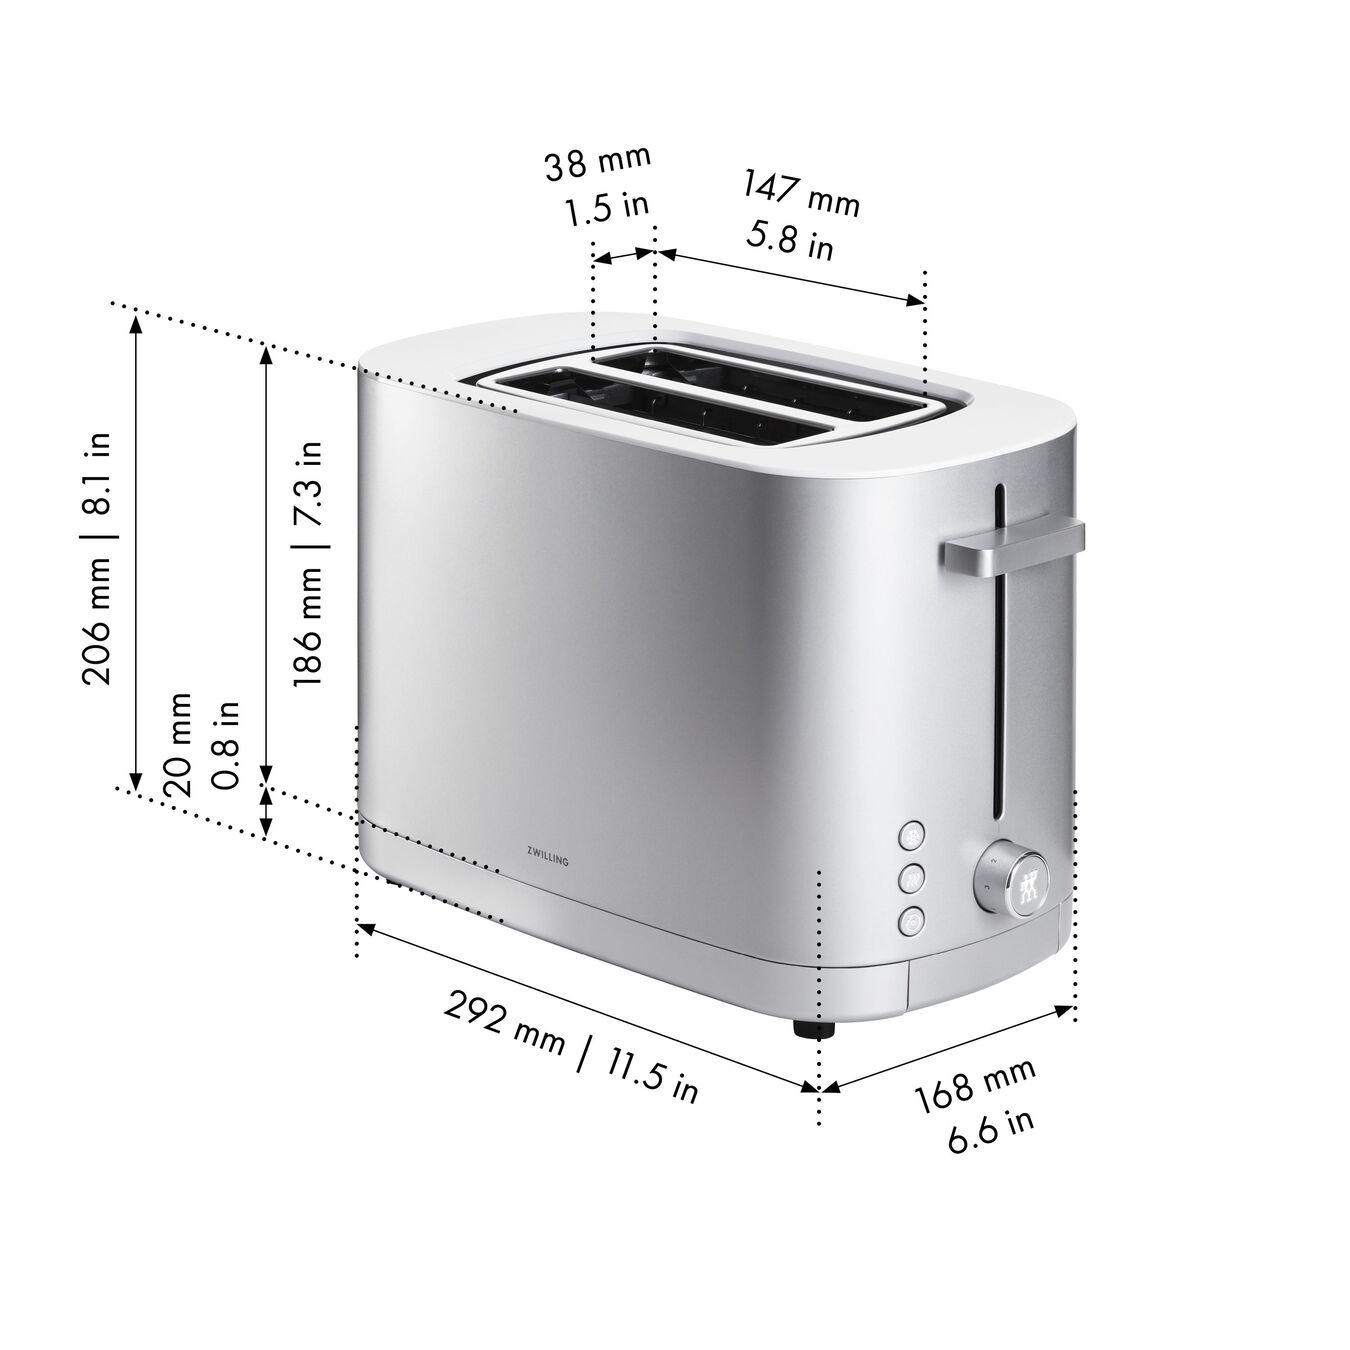 Toaster mit Brötchenaufsatz, 2 Schlitze kurz, Silber,,large 7